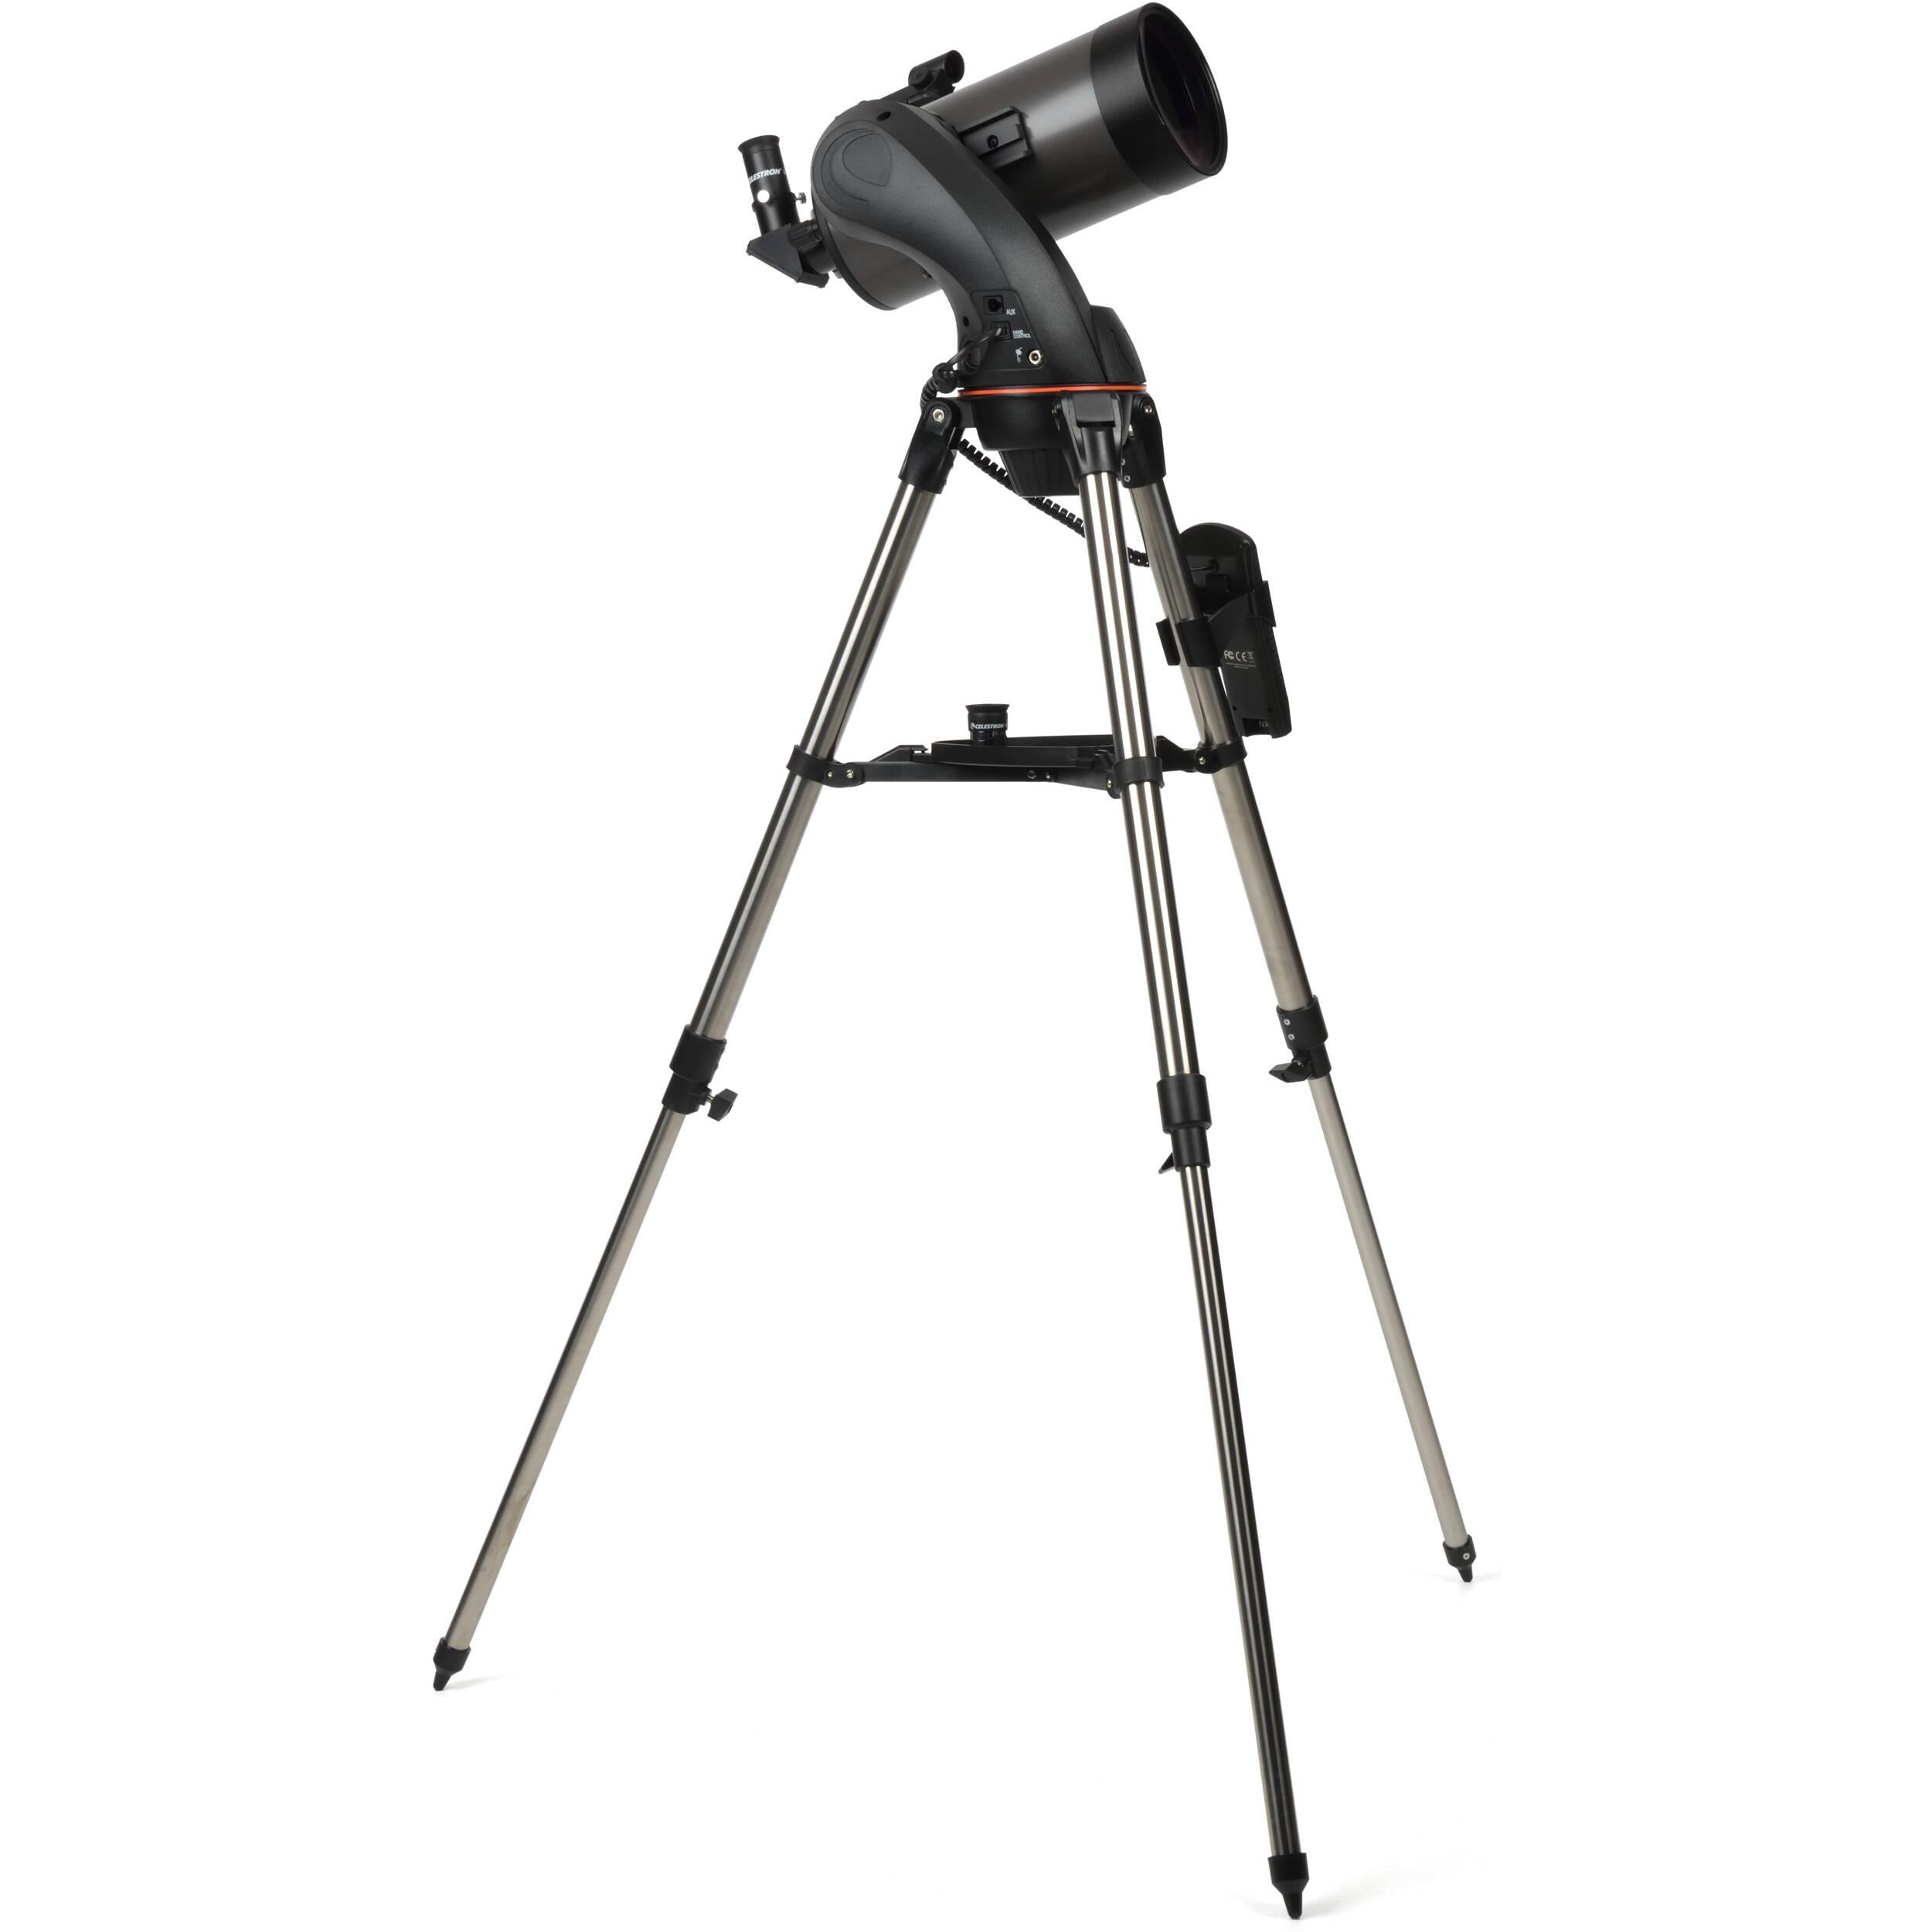 Celestron Nexstar 127slt 127mm F 12 Maksutov Cassegrain 22097